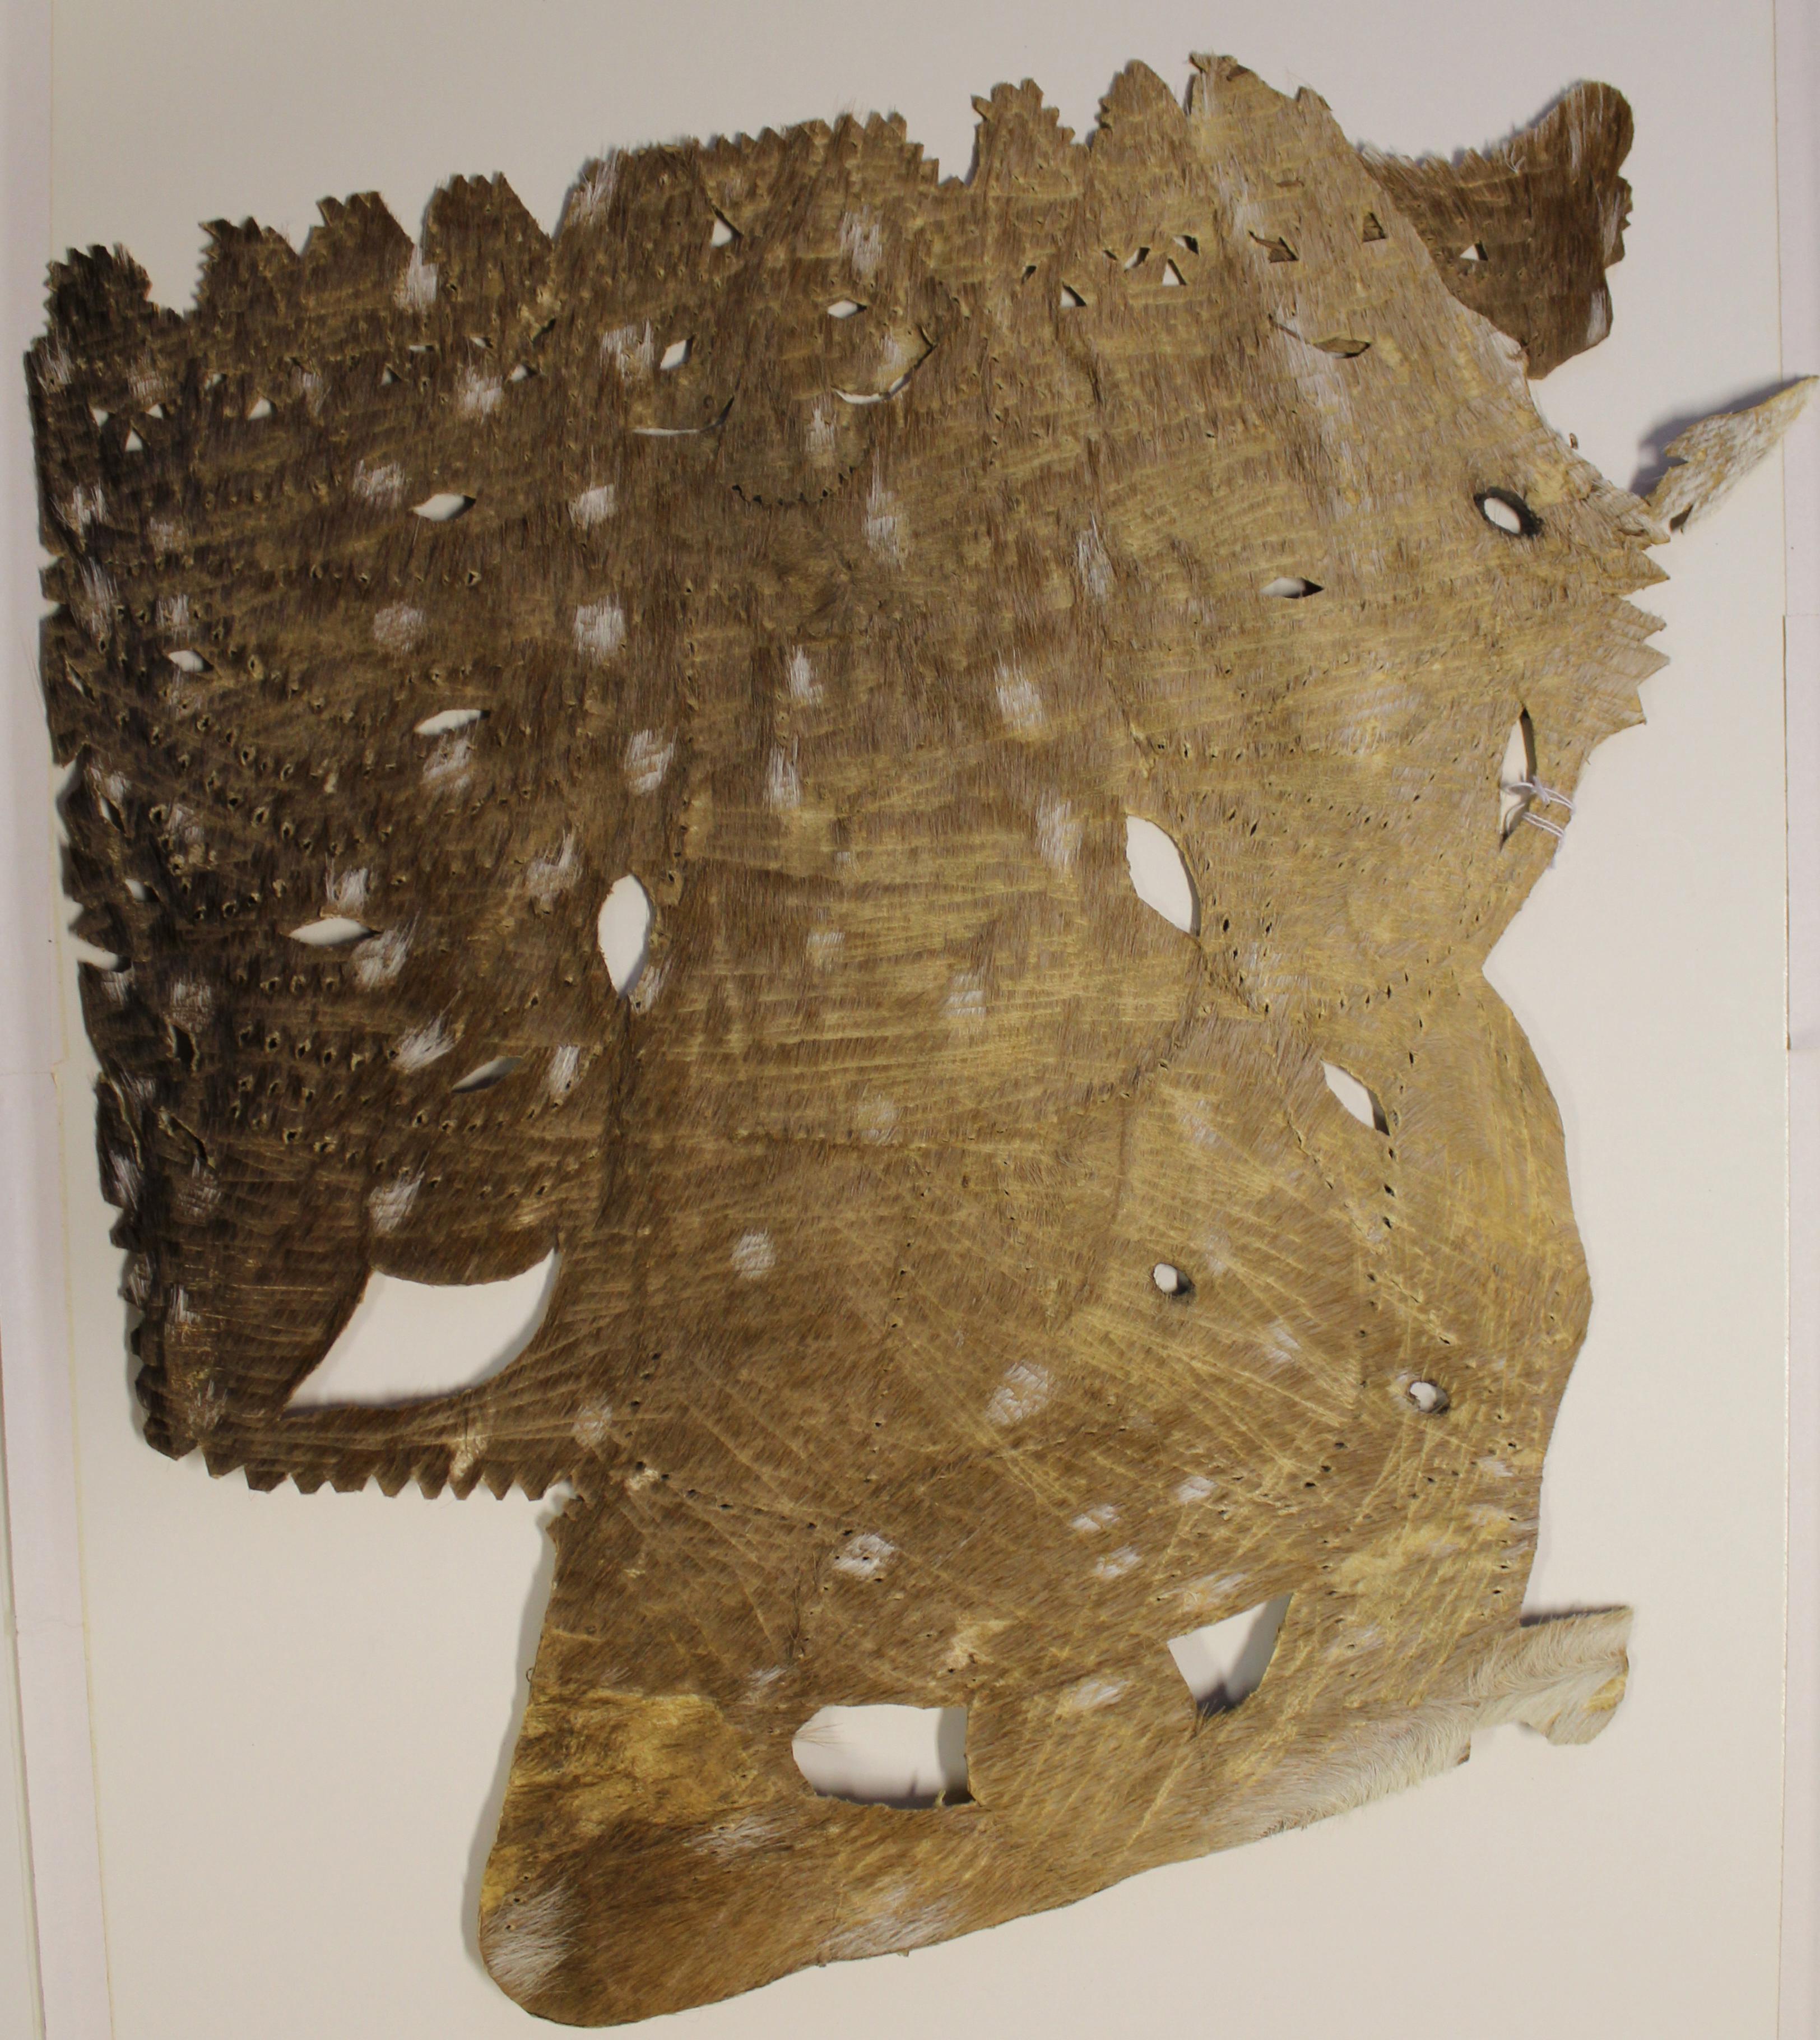 Le personnage de Râvana faite de peau de cerf de la ravanachhaya, théâtre d'ombres traditionnel de Odisha (anciennement connu sous le nom de l'<em>Or</em>issa), vers 1940. The Cook / Marks Collection, Northwest Puppet Center